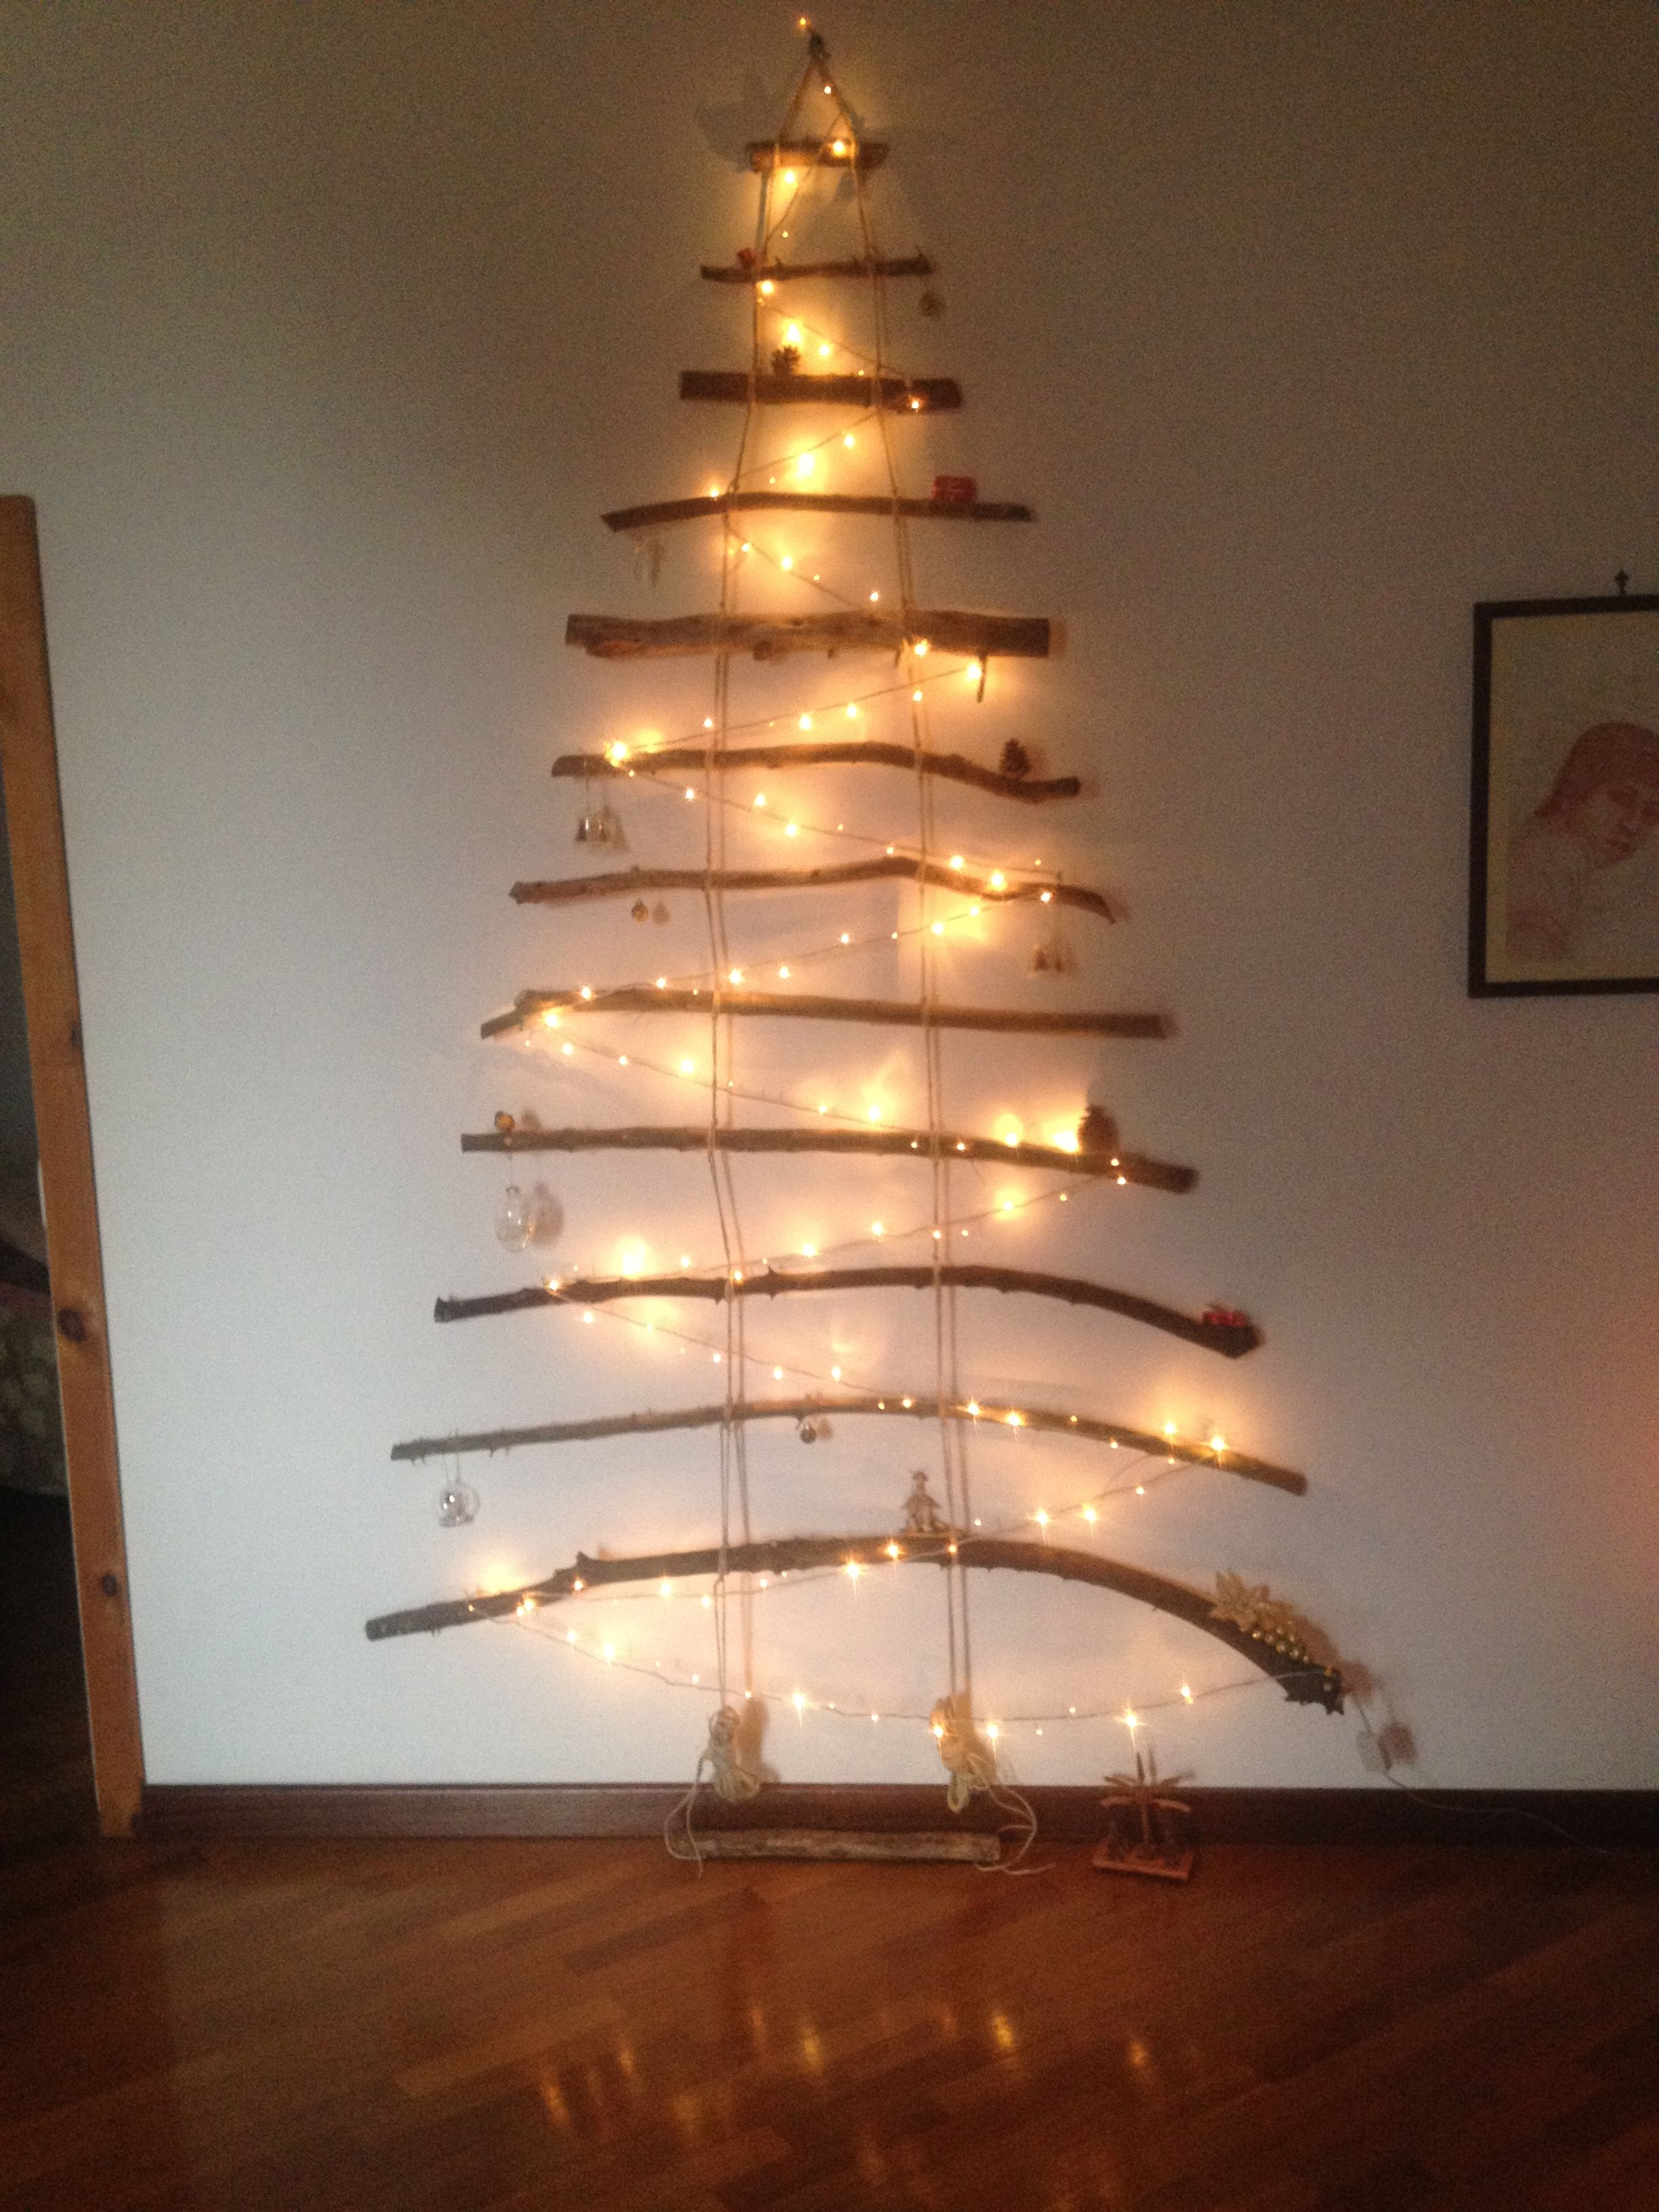 Albero Di Natale Yahoo.Albero Di Natale Realizzato Con Rami D Albero E Spago Slovenca Yahoo It Pigne Dipinte Alberi Di Natale Natale